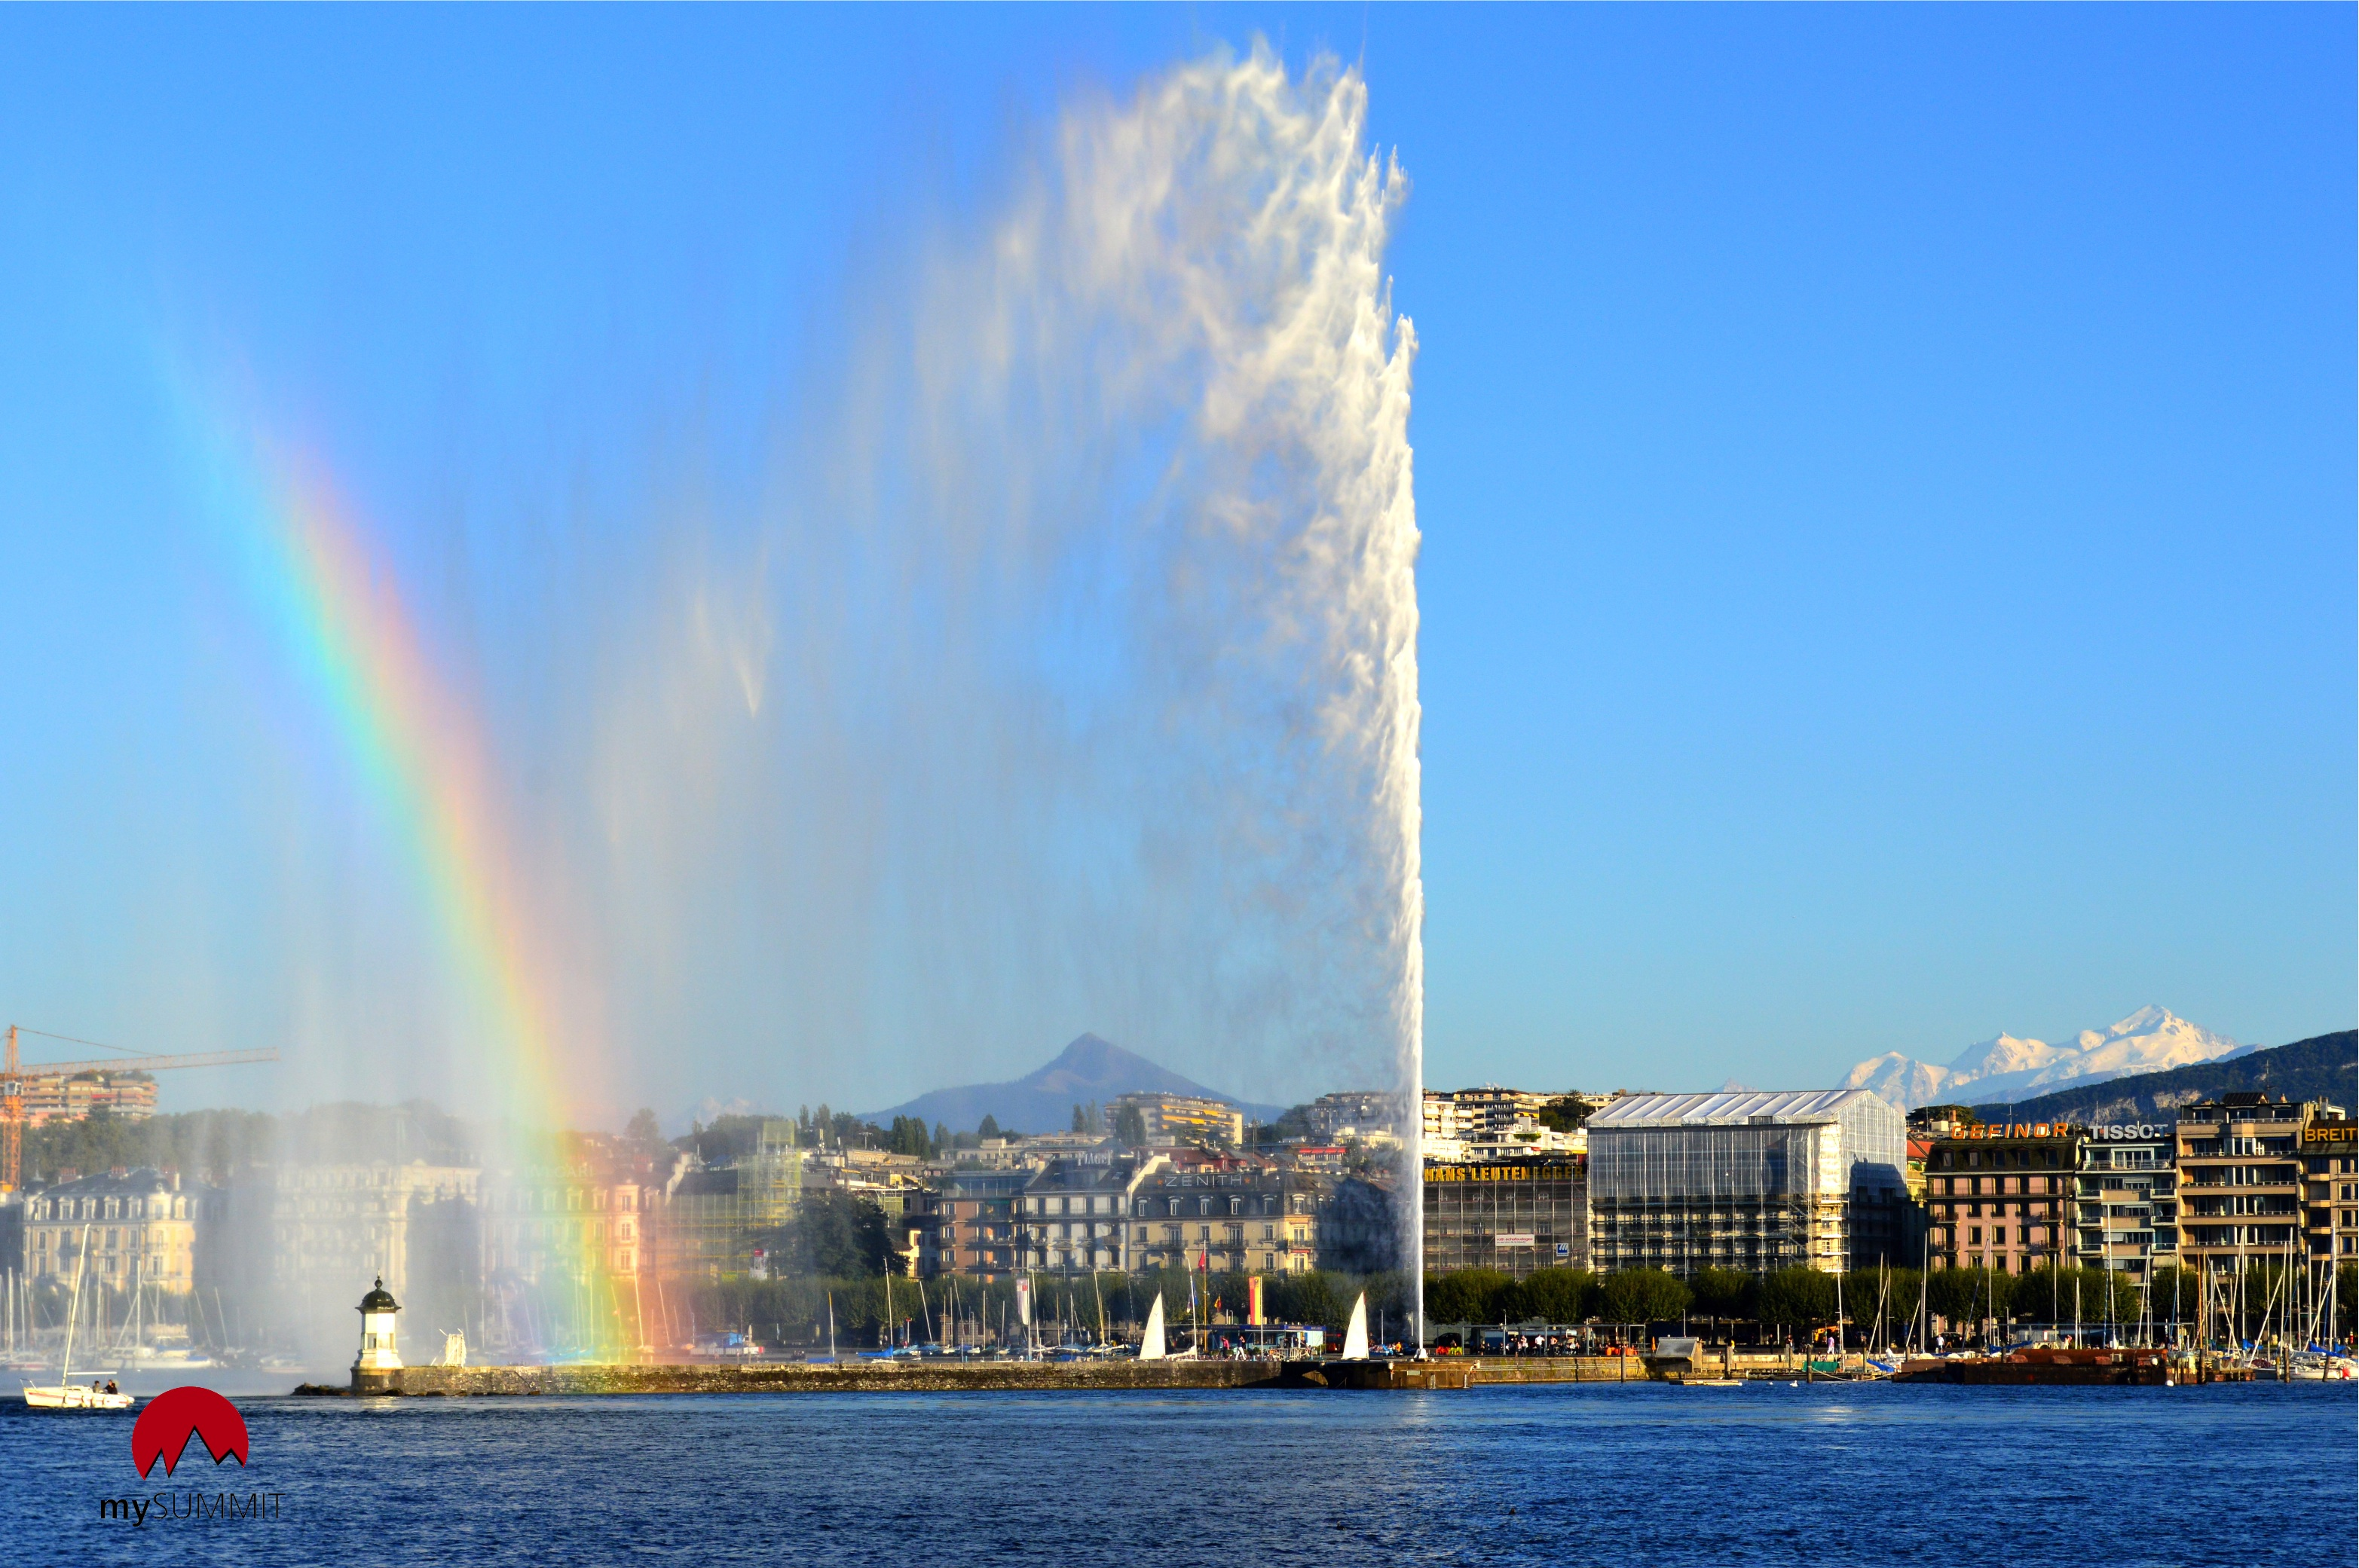 Urlaub in Genf: Sehenswürdigkeiten und Aktivitäten